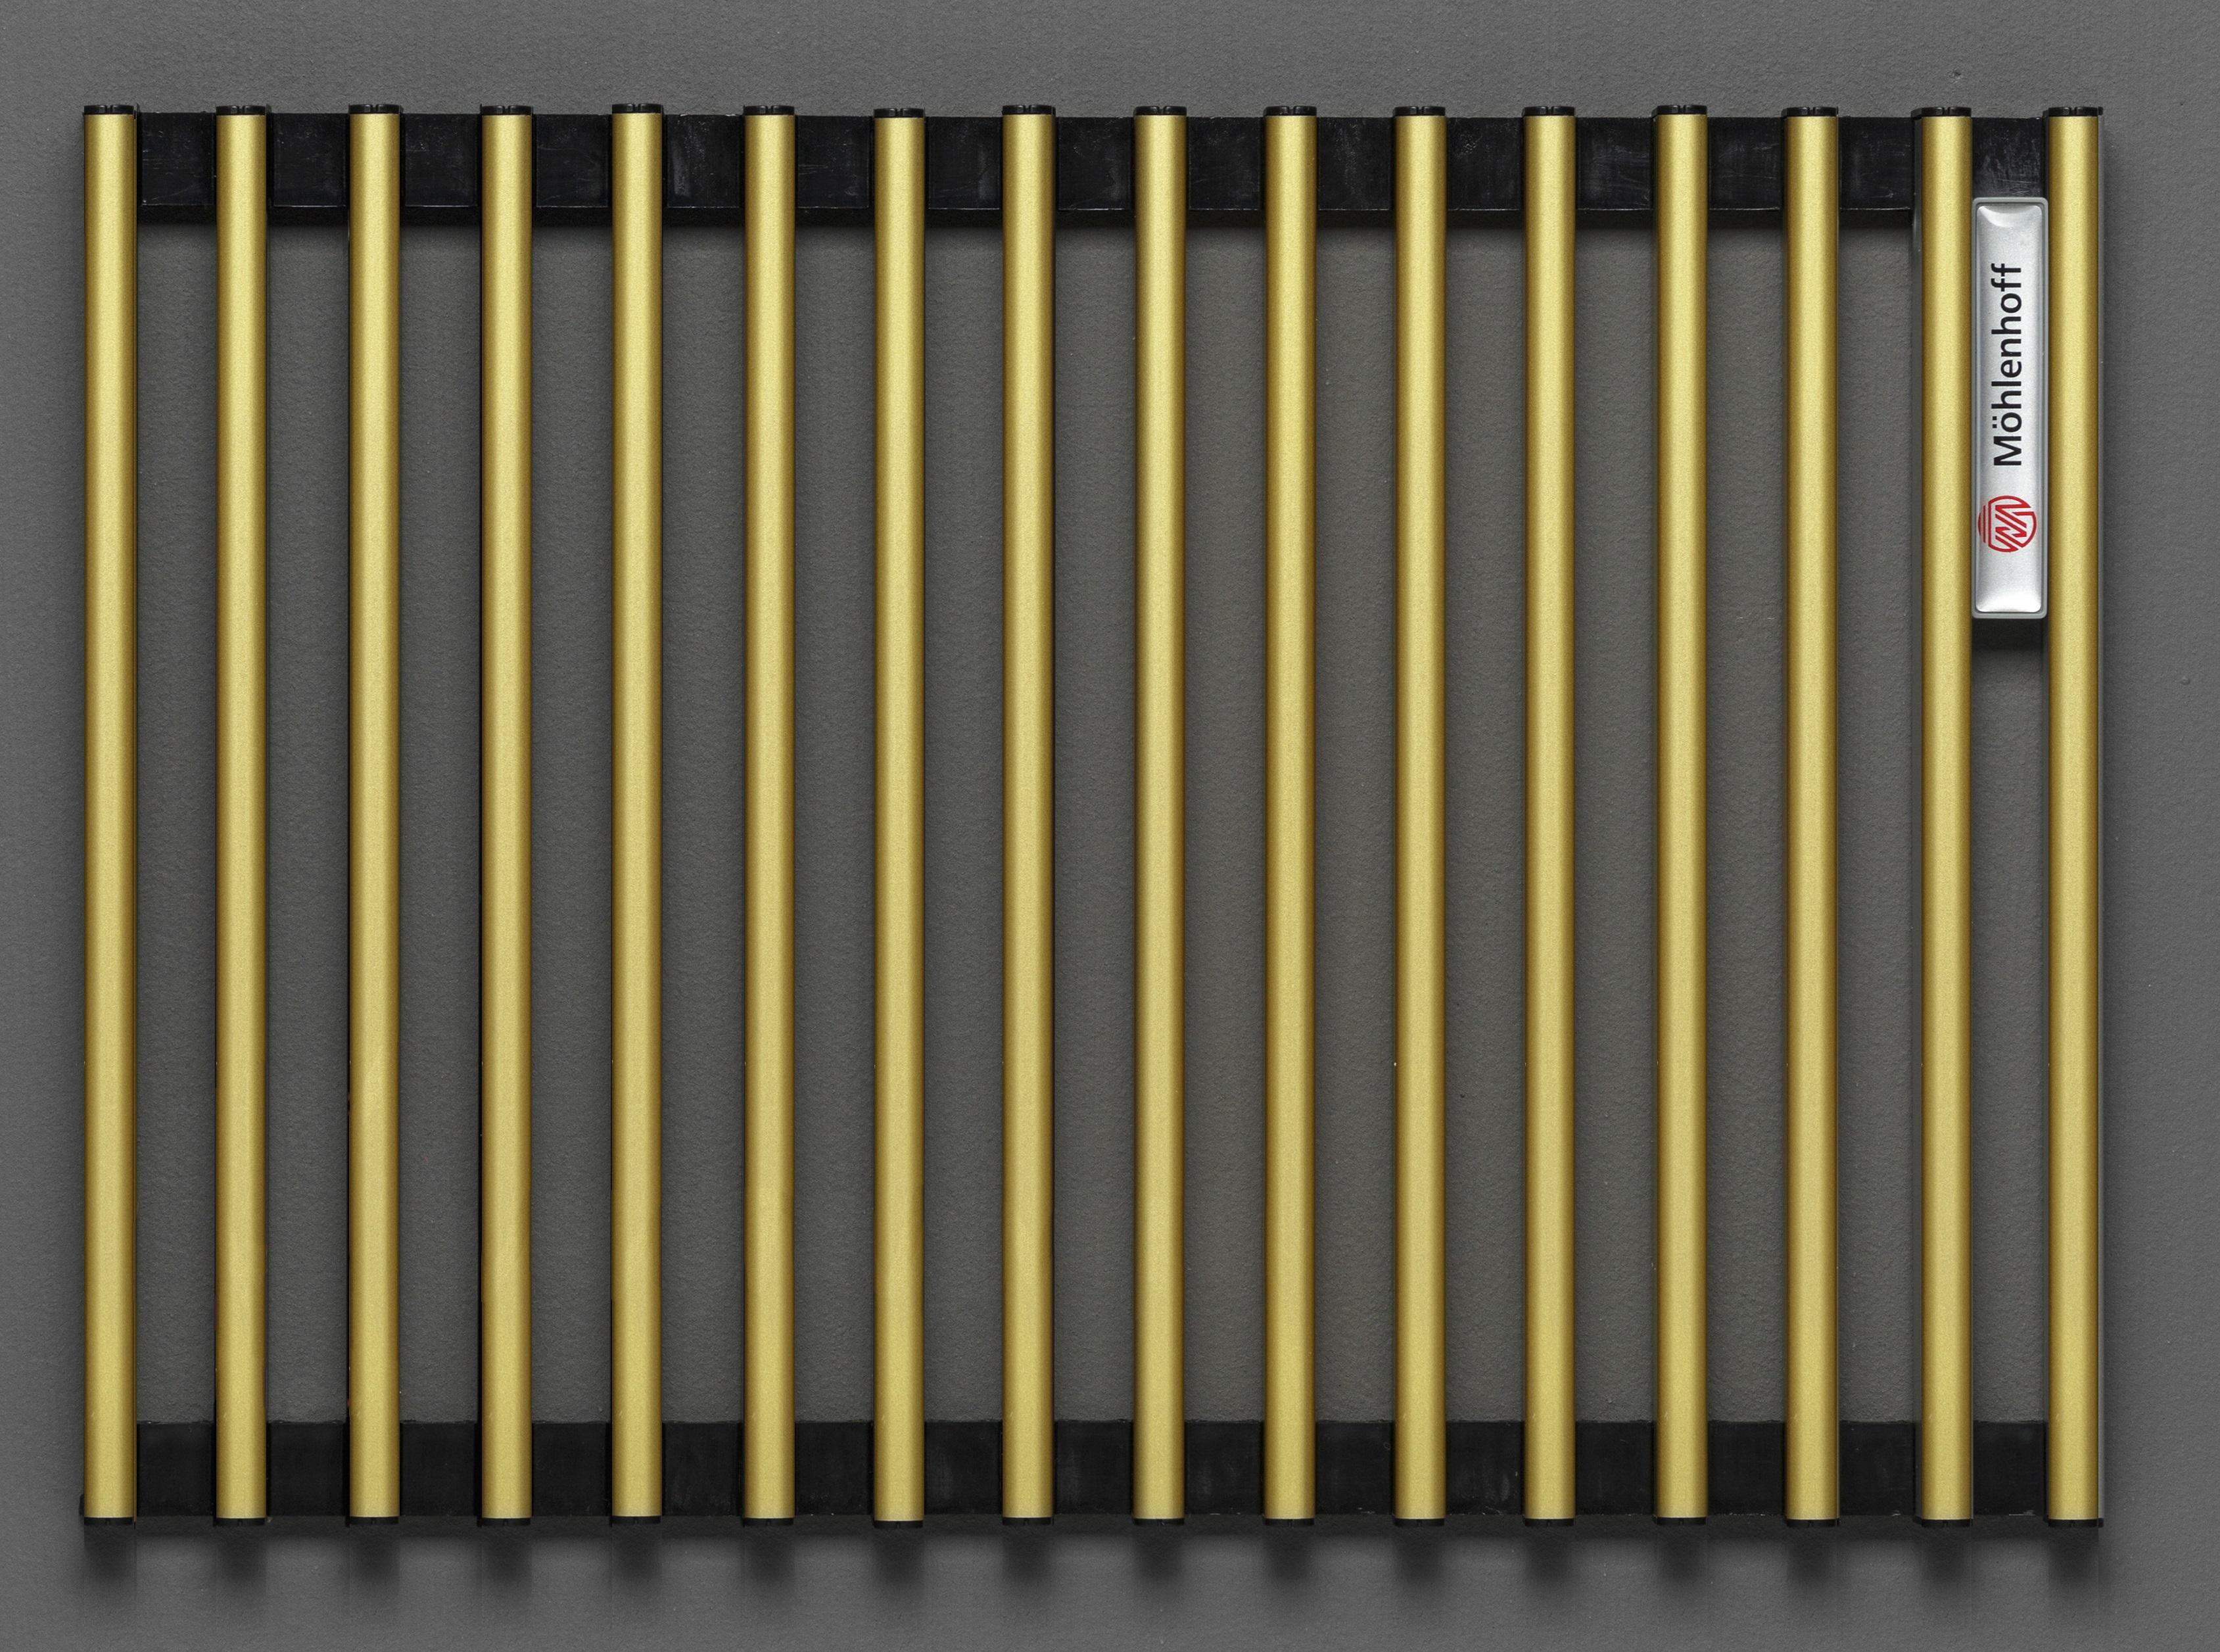 Купить Декоративная решётка Mohlenhoff латунь, шириной 410 мм 1 пог. м, Россия